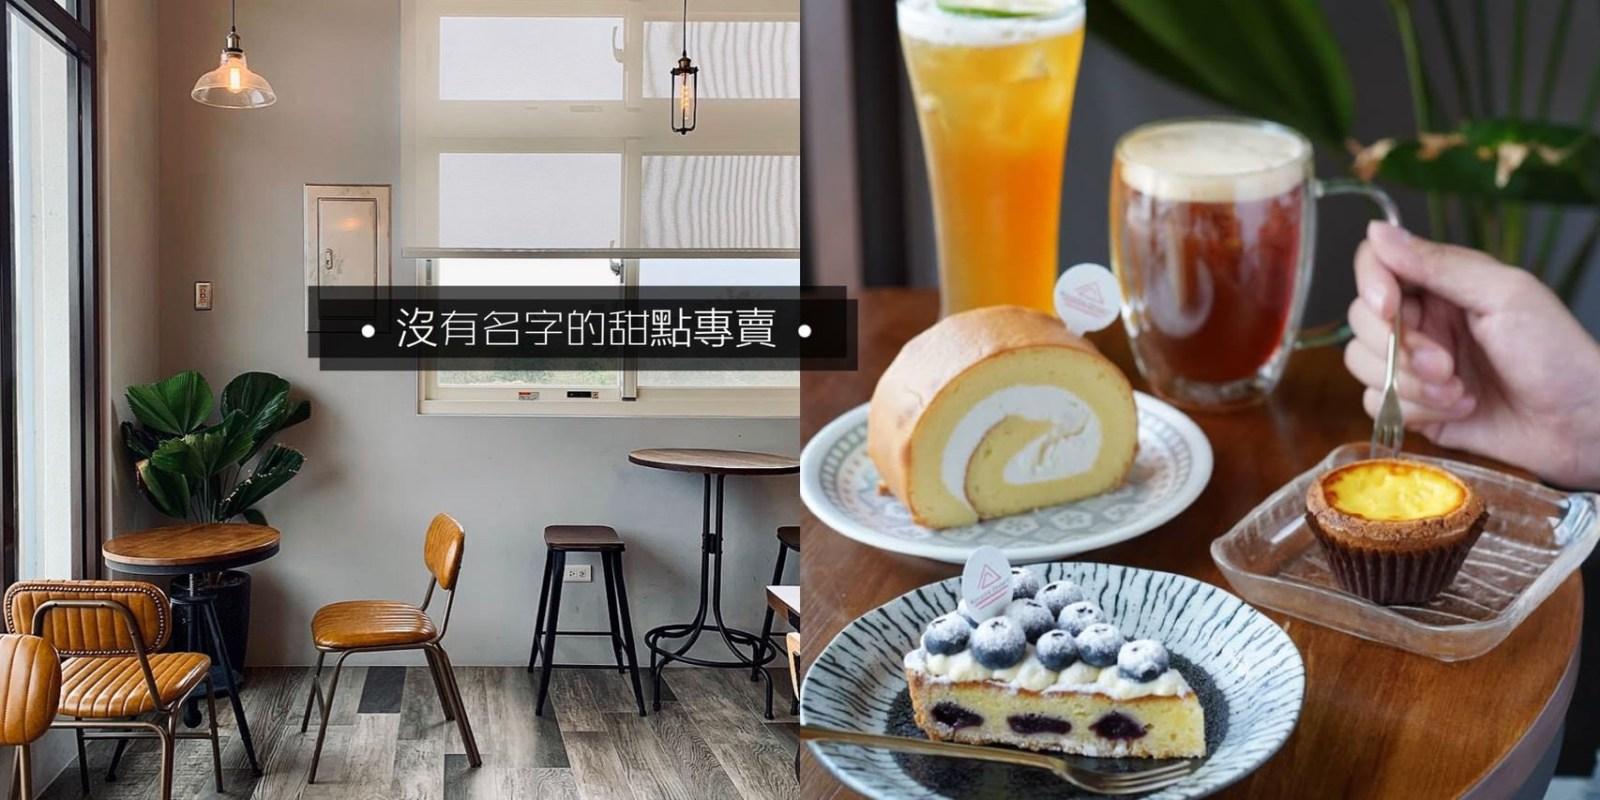 【新竹美食】隱身在郊區的咖啡廳『沒有名字的甜點專賣』甜點好吃且有專屬停車場!